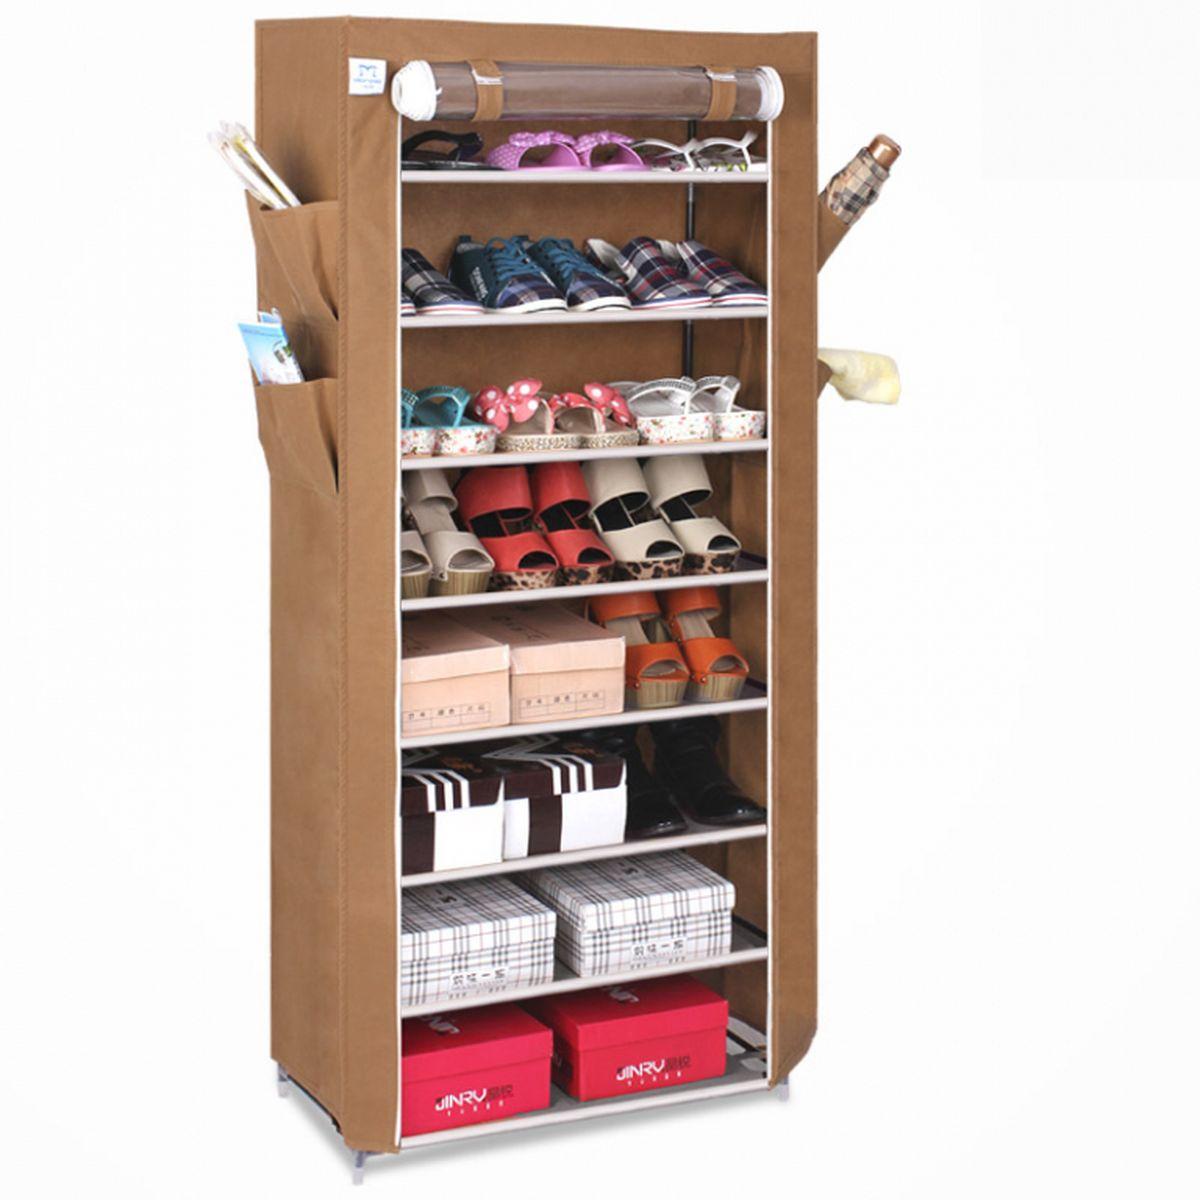 Тканевый шкаф для обуви и аксессуаров Homsu Элис, цвет: коричневый, 60 x 30 x 136 смHOM-101Этот шкаф предназначен для комфортного, практичного и удобного хранения обуви и других предметов в вашем доме. Выполненный в коричневом цвете, такой шкаф вполне может стать полноценным дополнением к вашей уютной домашней обстановке. 8 полок для обуви, шириной 60 см и глубиной 30 см плюс боковые кармашки для тапочек, зонтов и всяких мелочей надолго обеспечат полный порядок в прихожей. Фактический цвет может отличаться от заявленного.